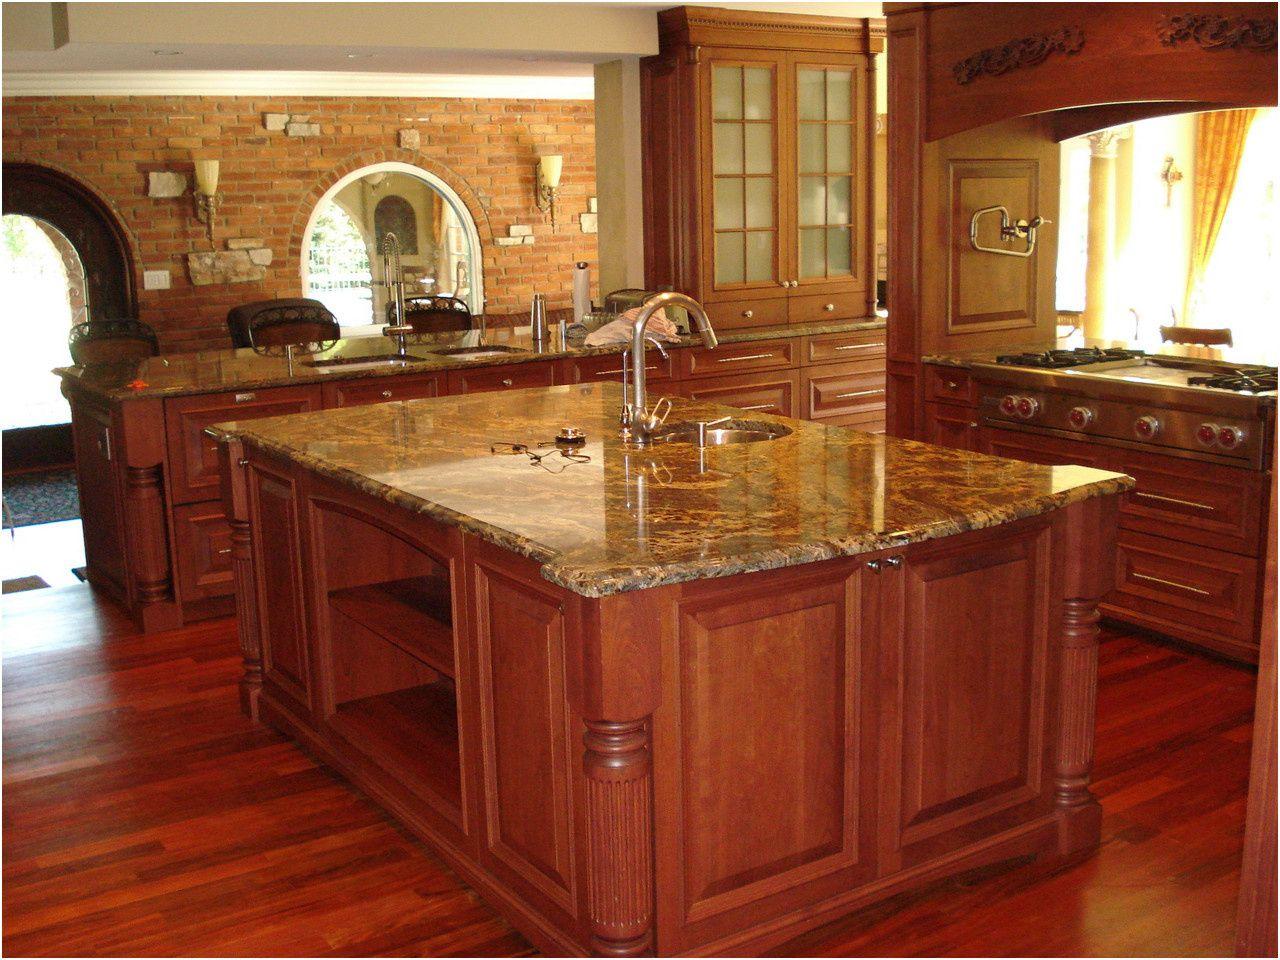 77 how much are granite countertops per square foot kitchen decor theme ideas check